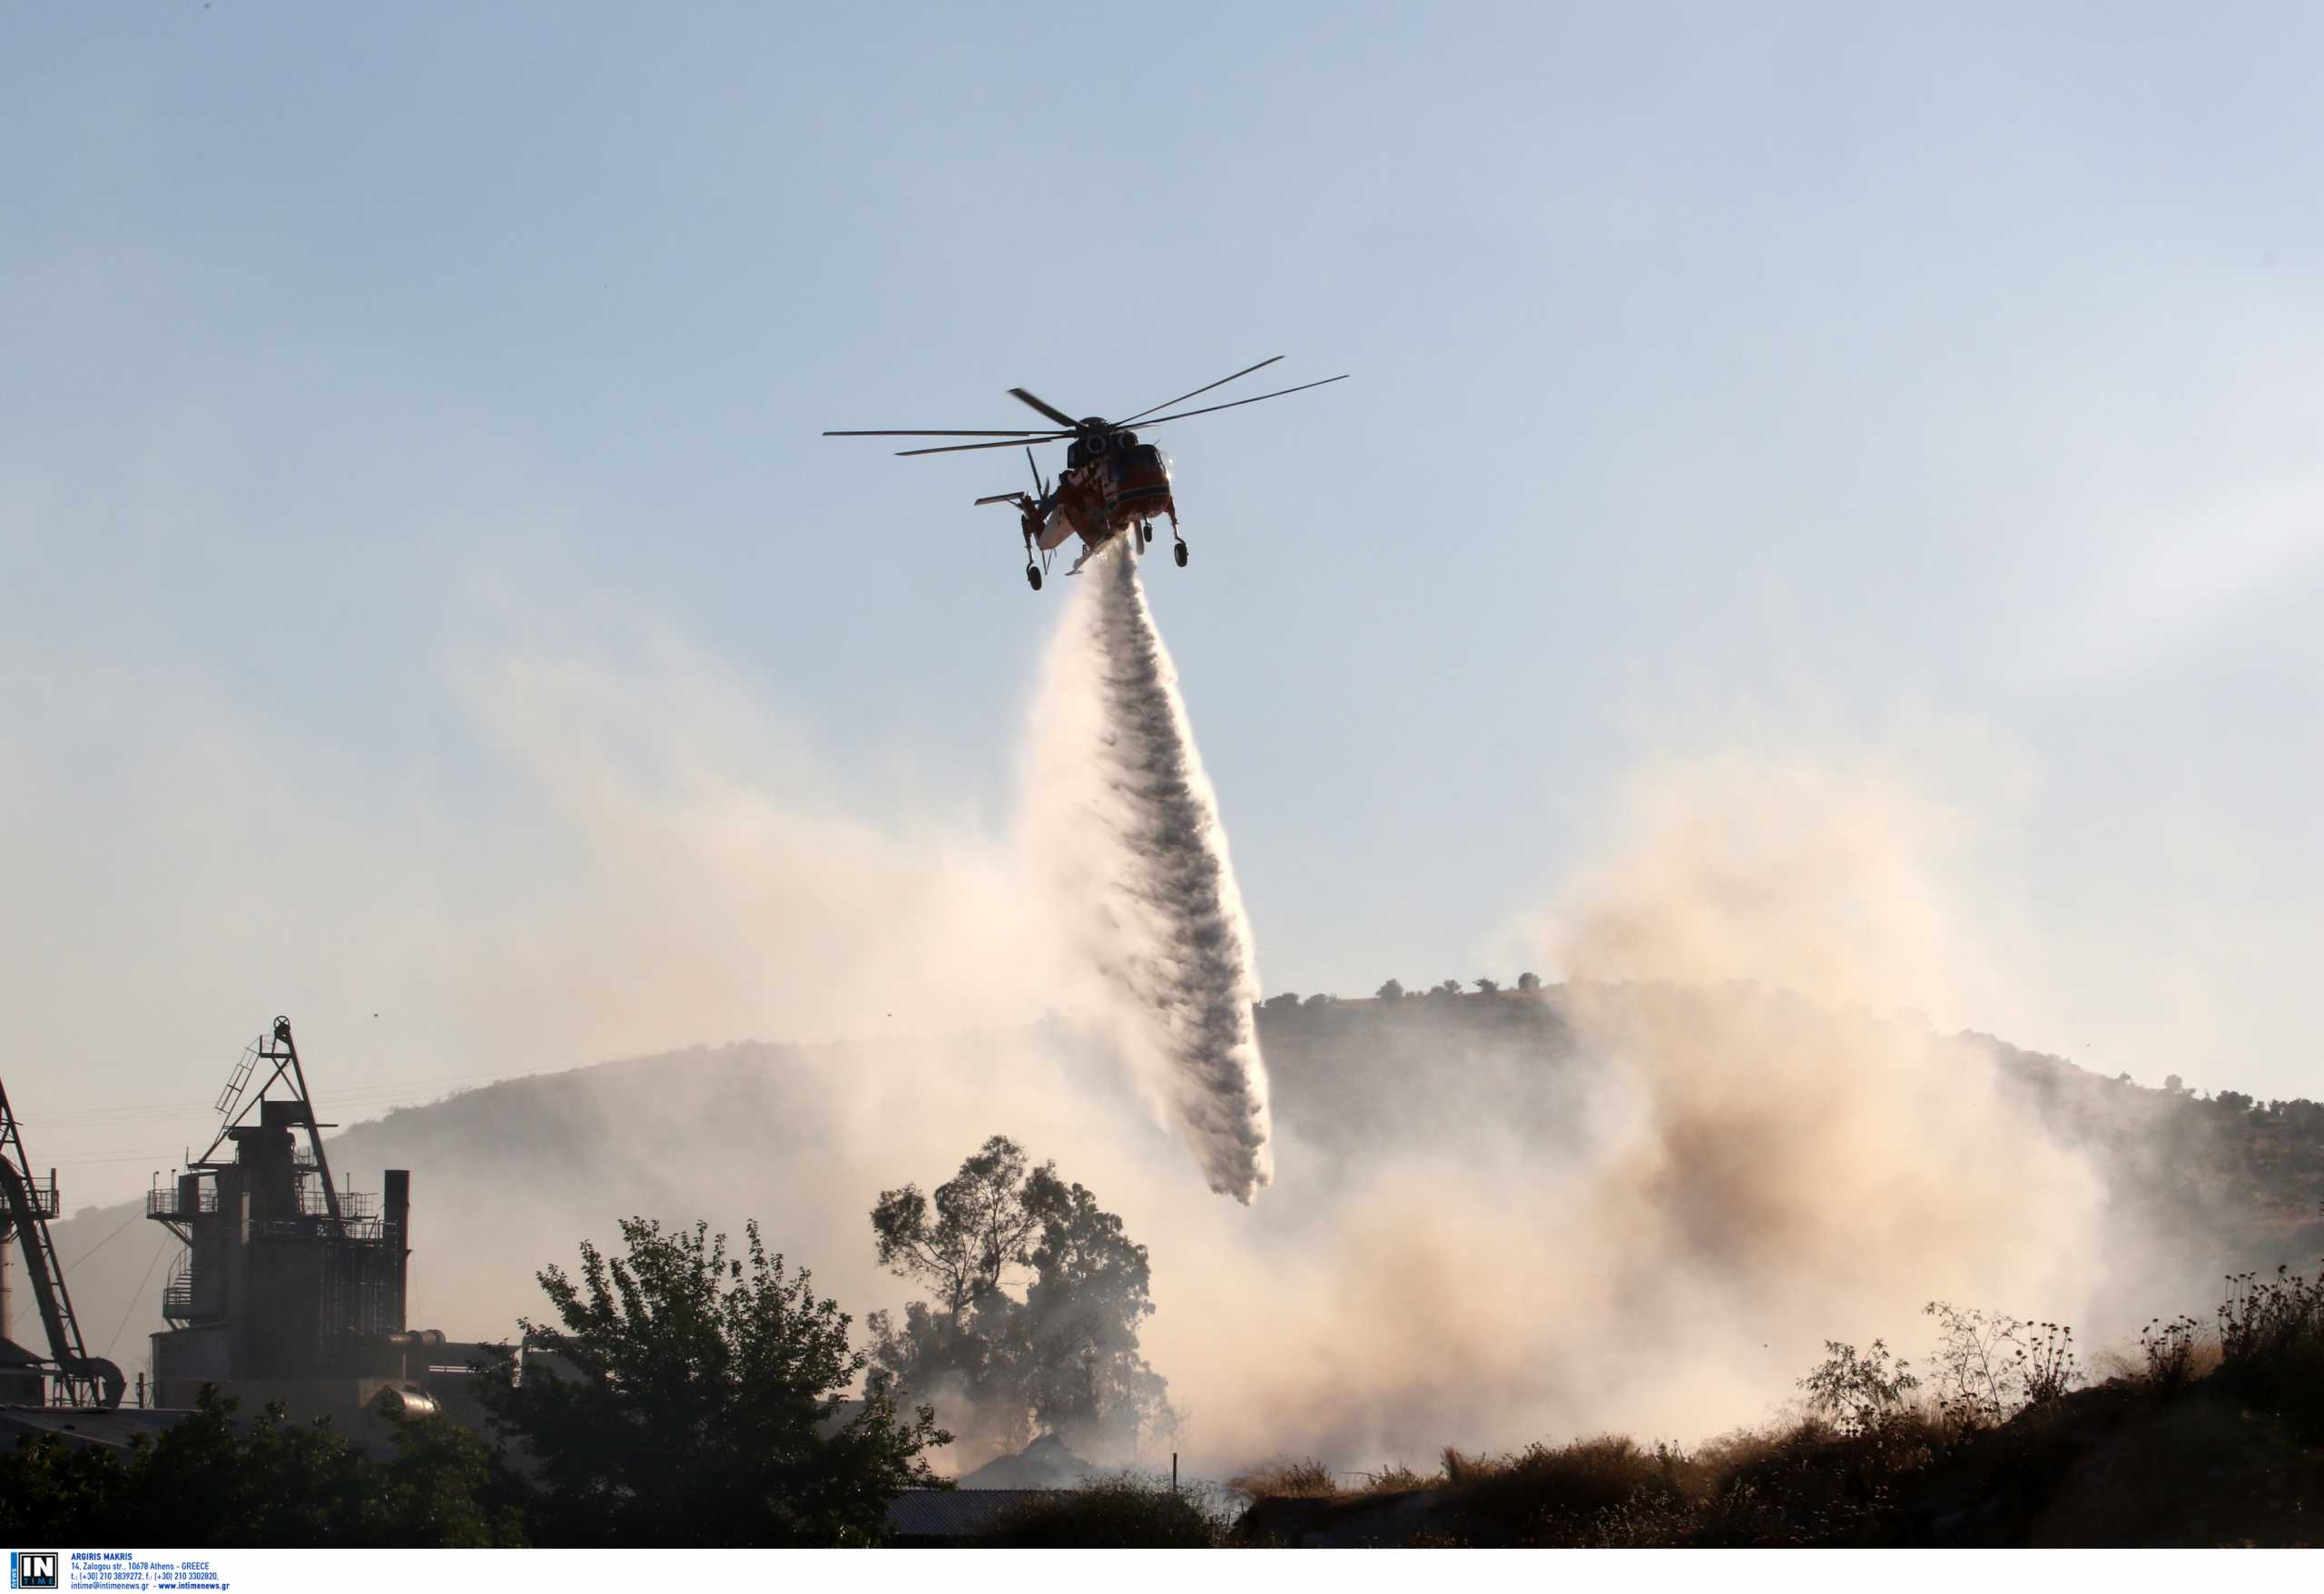 Χίος – Φωτιά: Εκκενώθηκε και δεύτερος οικισμός – Προβληματίζουν οι εικόνες με την έκταση της πυρκαγιάς